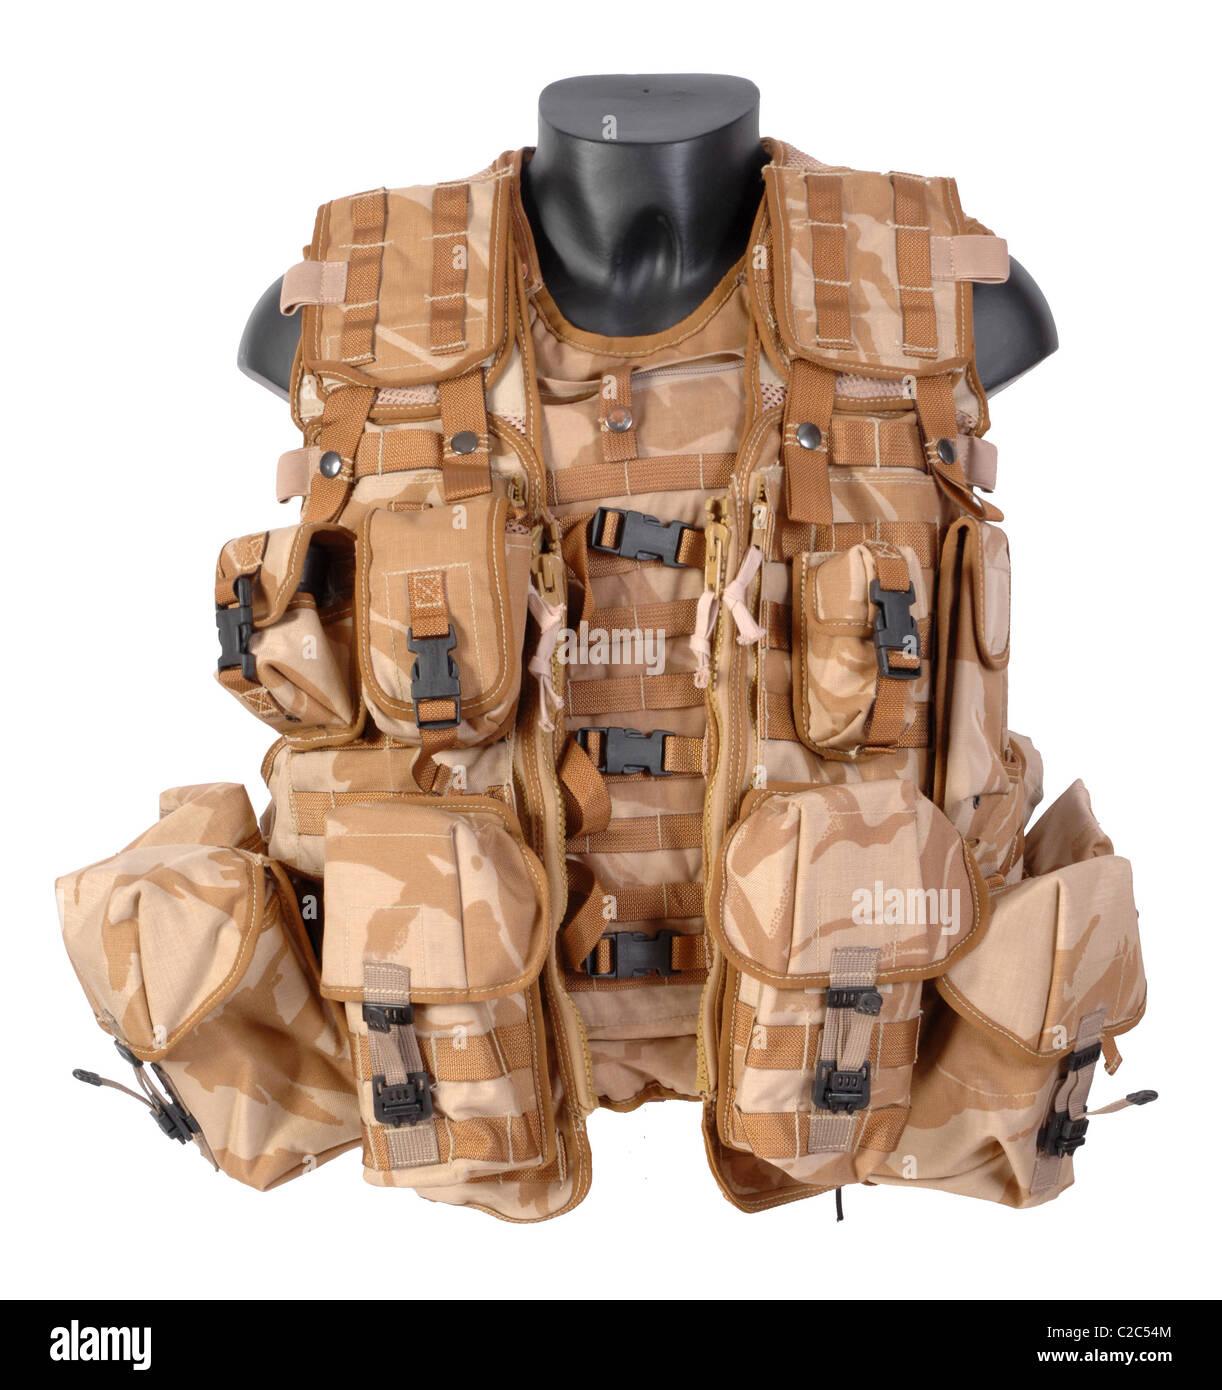 Fischadler Mk II Körper Rüstung Weste. Über der Rüstung getragen ist die Weste, Tactical, Belastbarkeit Stockbild